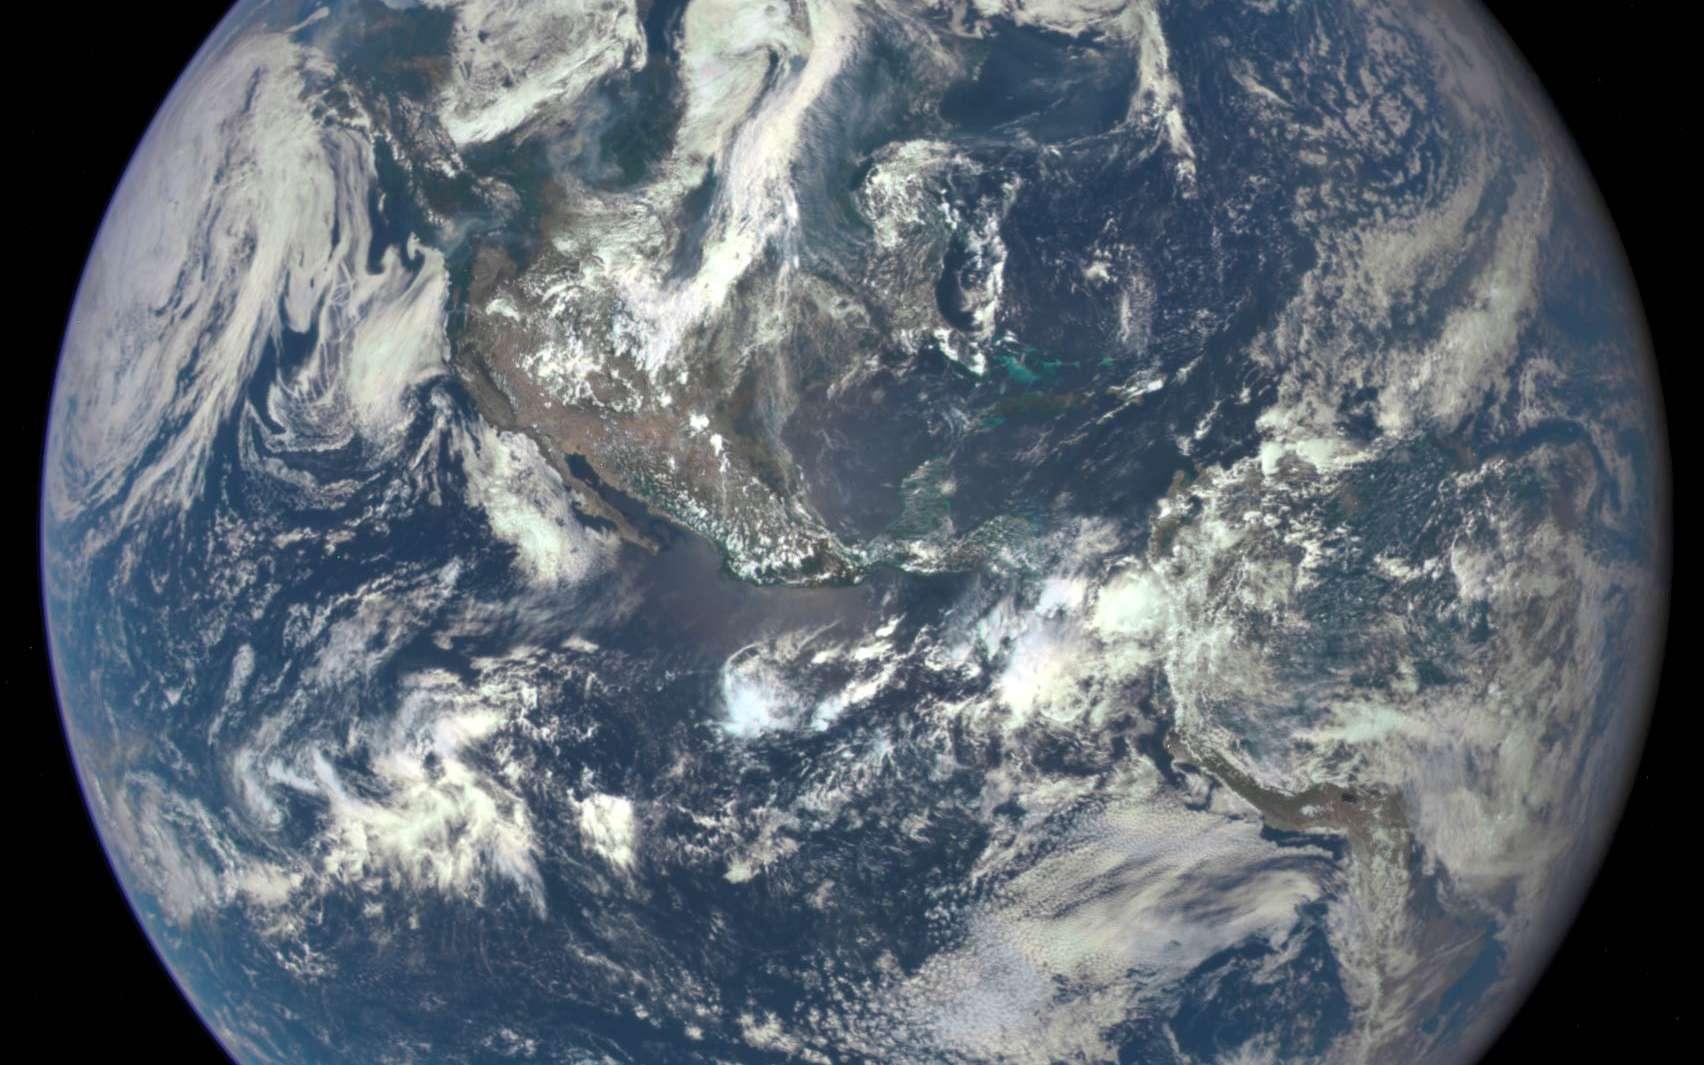 La Terre, le 6 juillet 2015, photographiée par le satellite DSCOVR (Deep Space Climate Observatory) à 1,6 million de kilomètres de distance. Les humains sont-ils en train de l'abîmer ? © Nasa